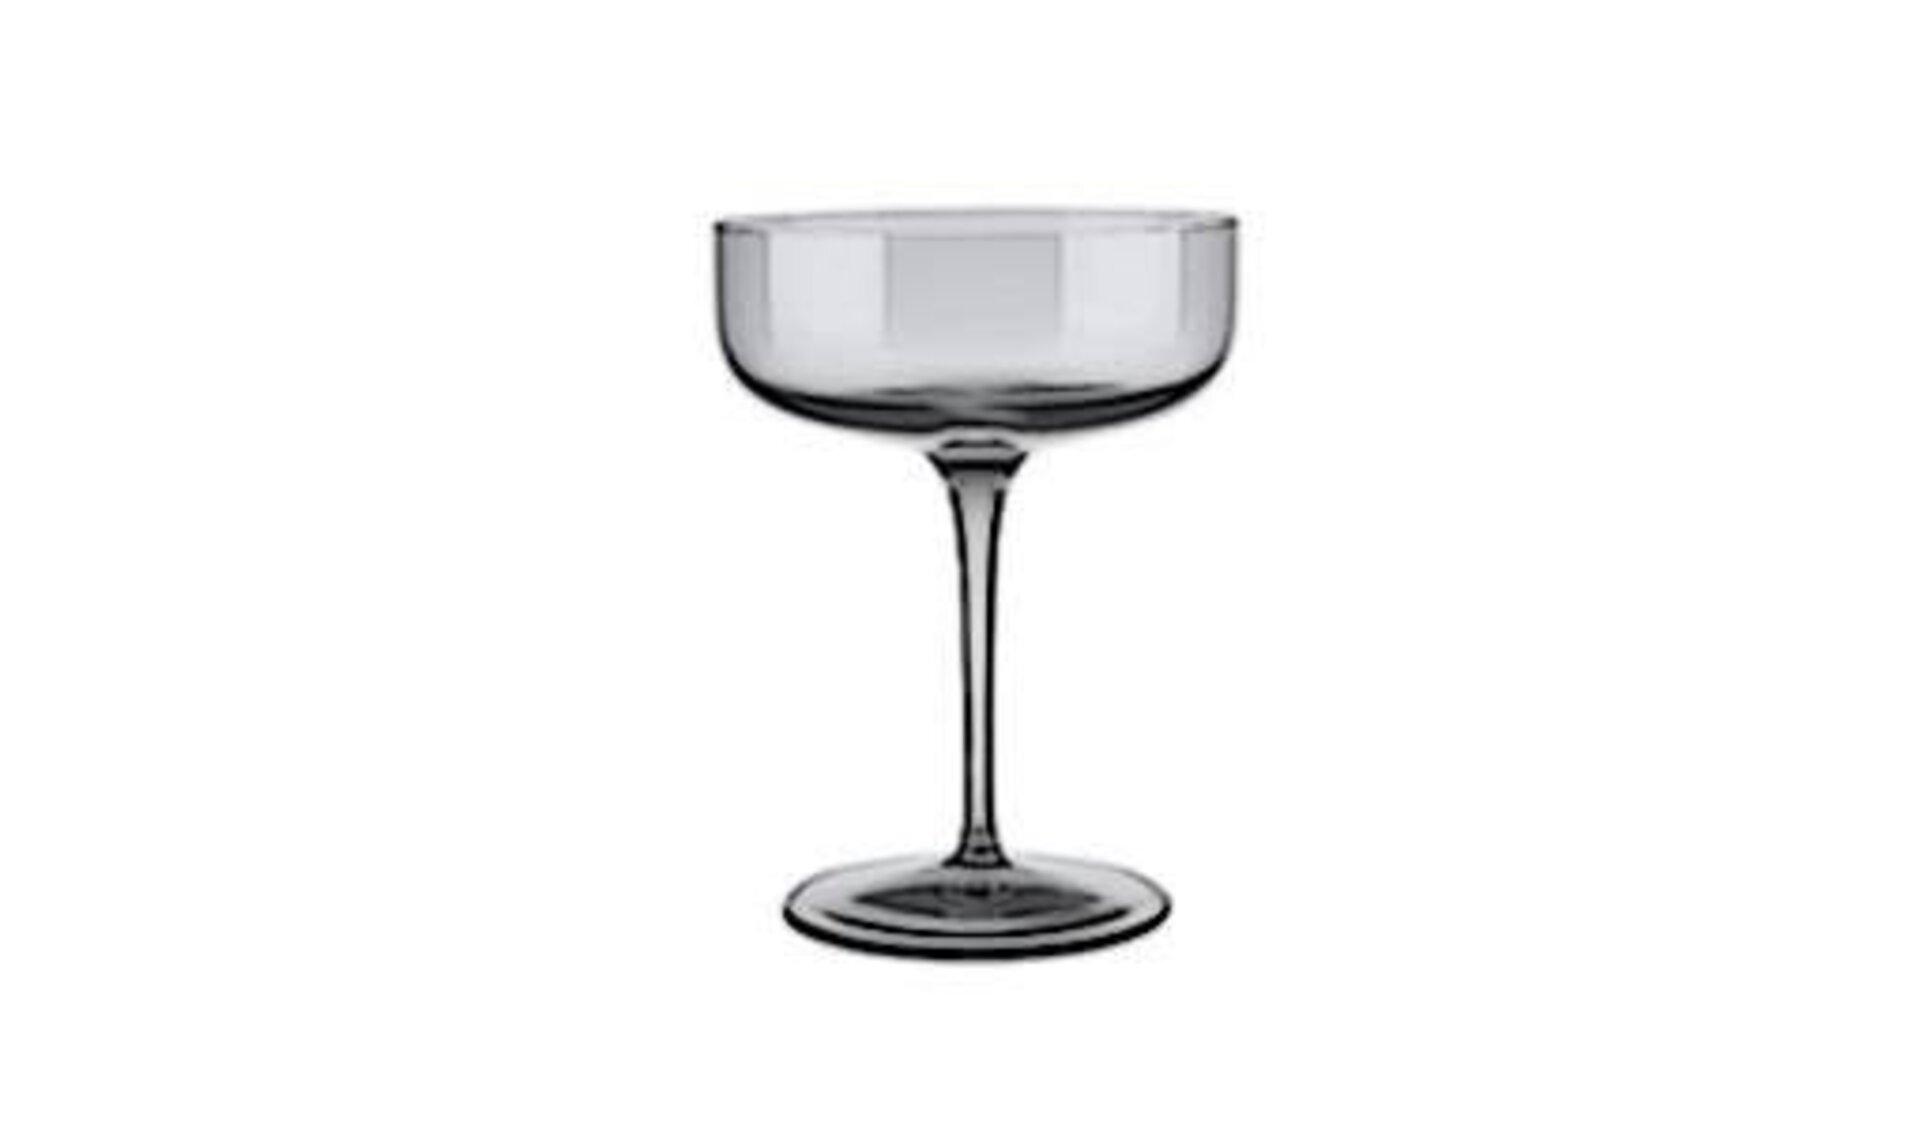 Cocktailglas mit niedrigem am breiten Trinkglas auf einem langen Stiel. Das für Margeritas typische Cocktailglas steht als Icon für alle Produkte dieser Klasse.